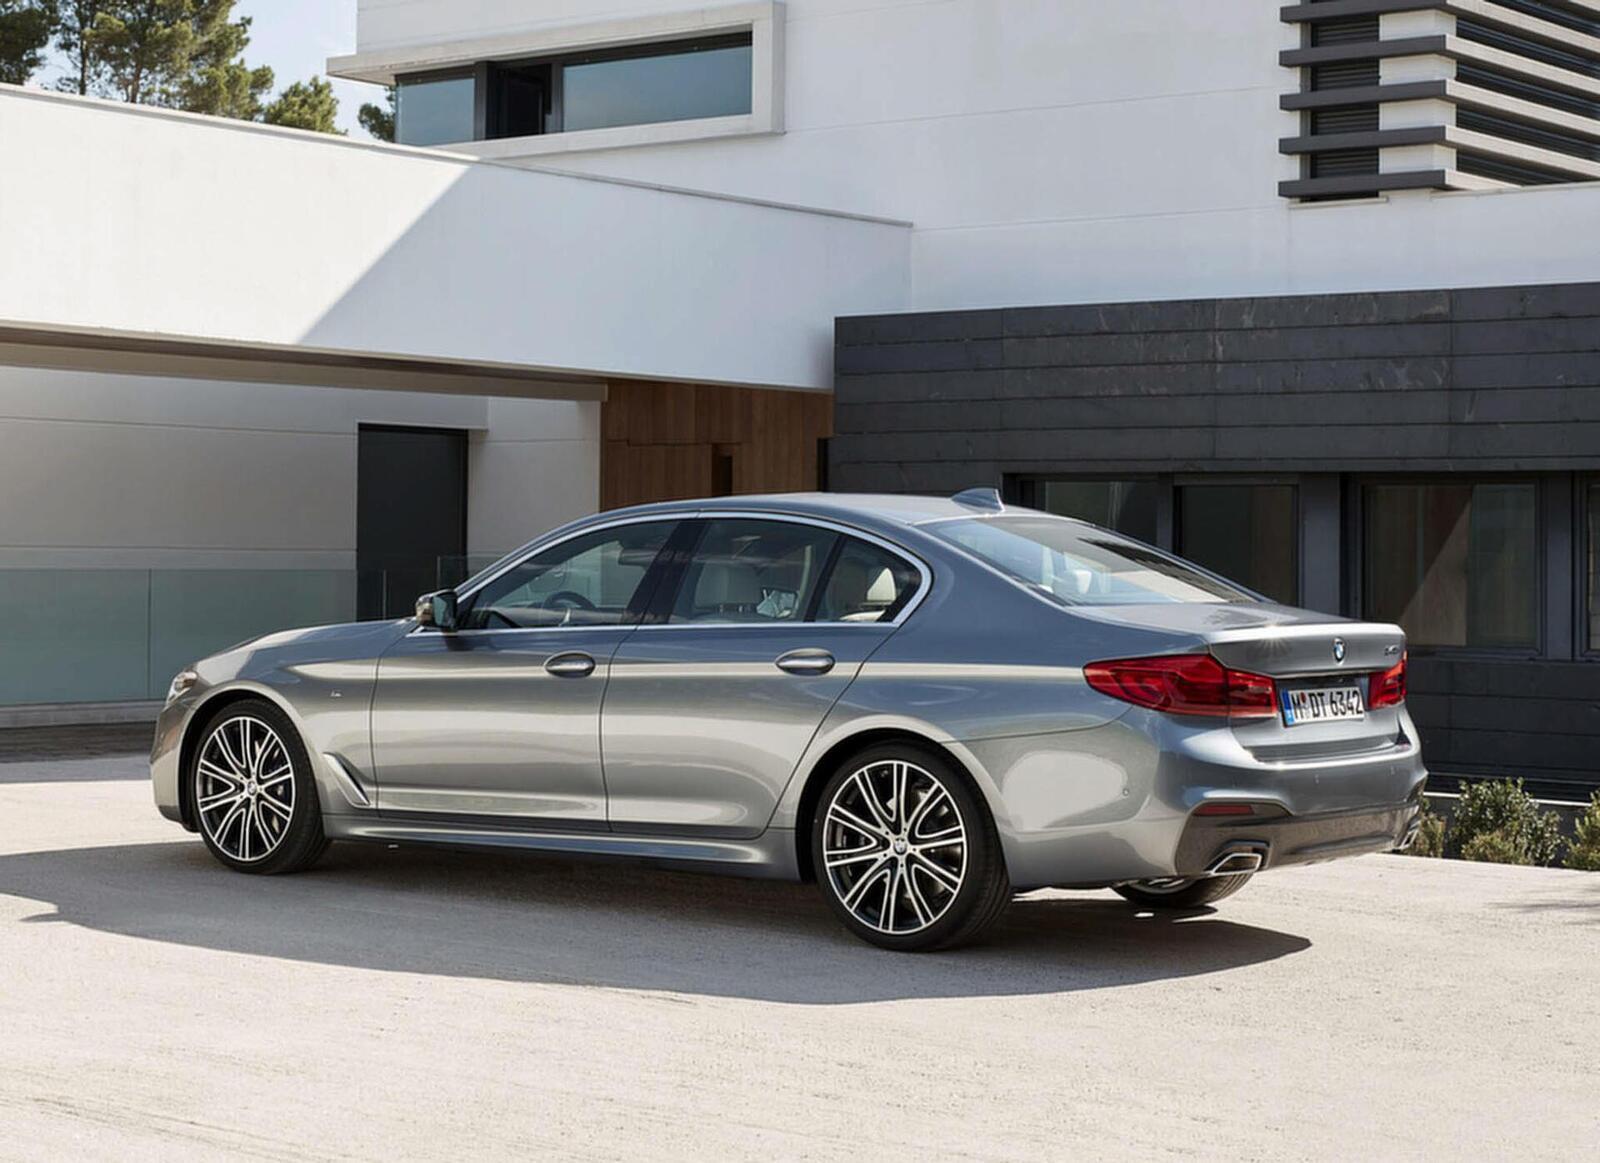 Lộ giá bán của BMW 520i và 530i thế hệ mới tại Việt Nam; từ 2,389 đến 3,069 tỷ đồng - Hình 8